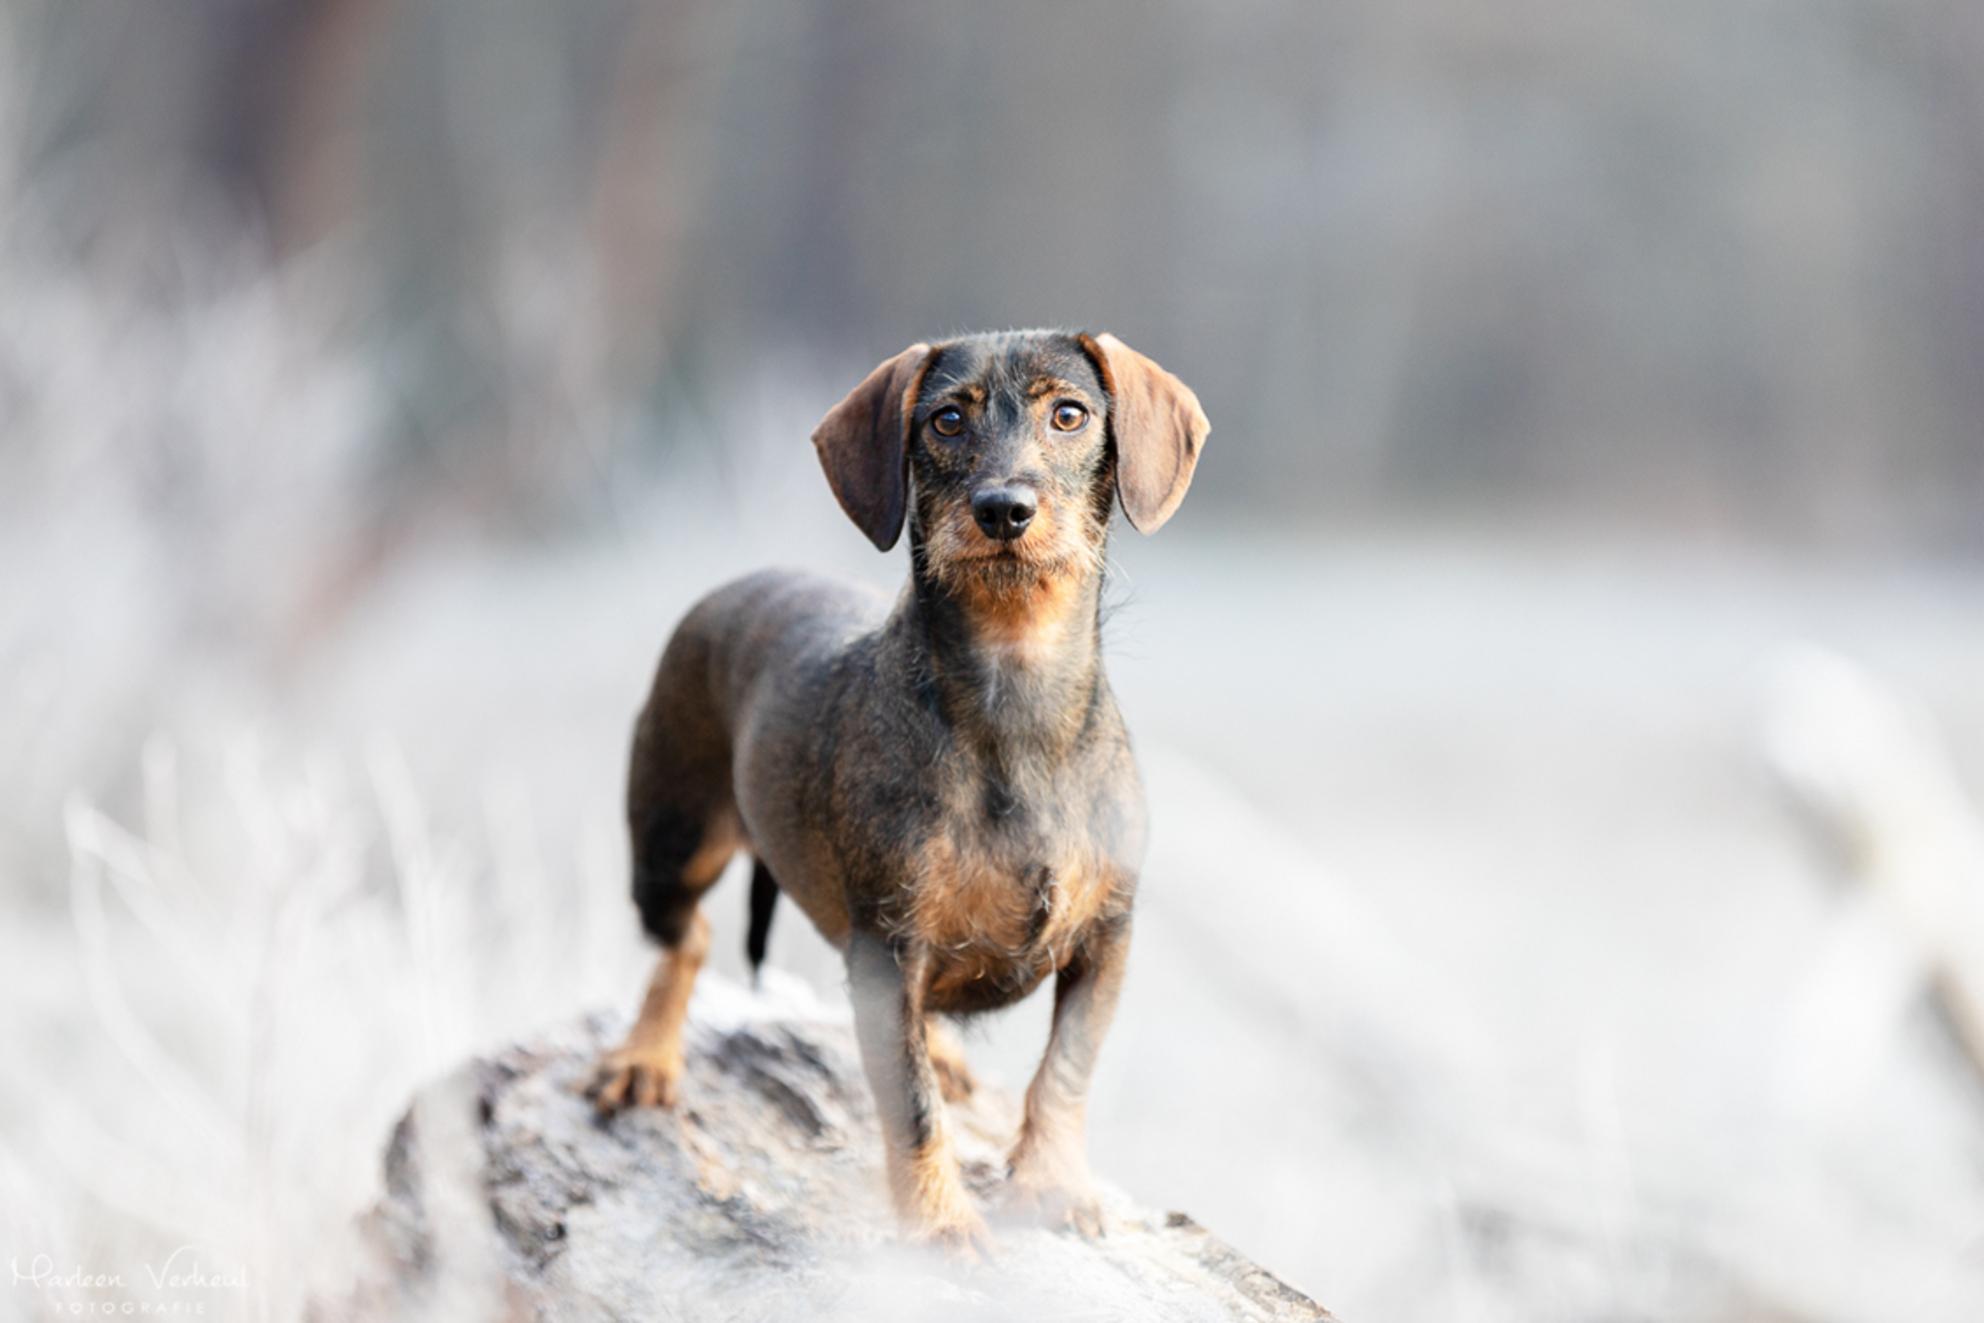 Winterplaatje - Mika in een winters landschap - foto door MarleenVerheulFotografie op 14-01-2021 - deze foto bevat: dieren, huisdier, hond, hondenfotografie, hondenfotograaf